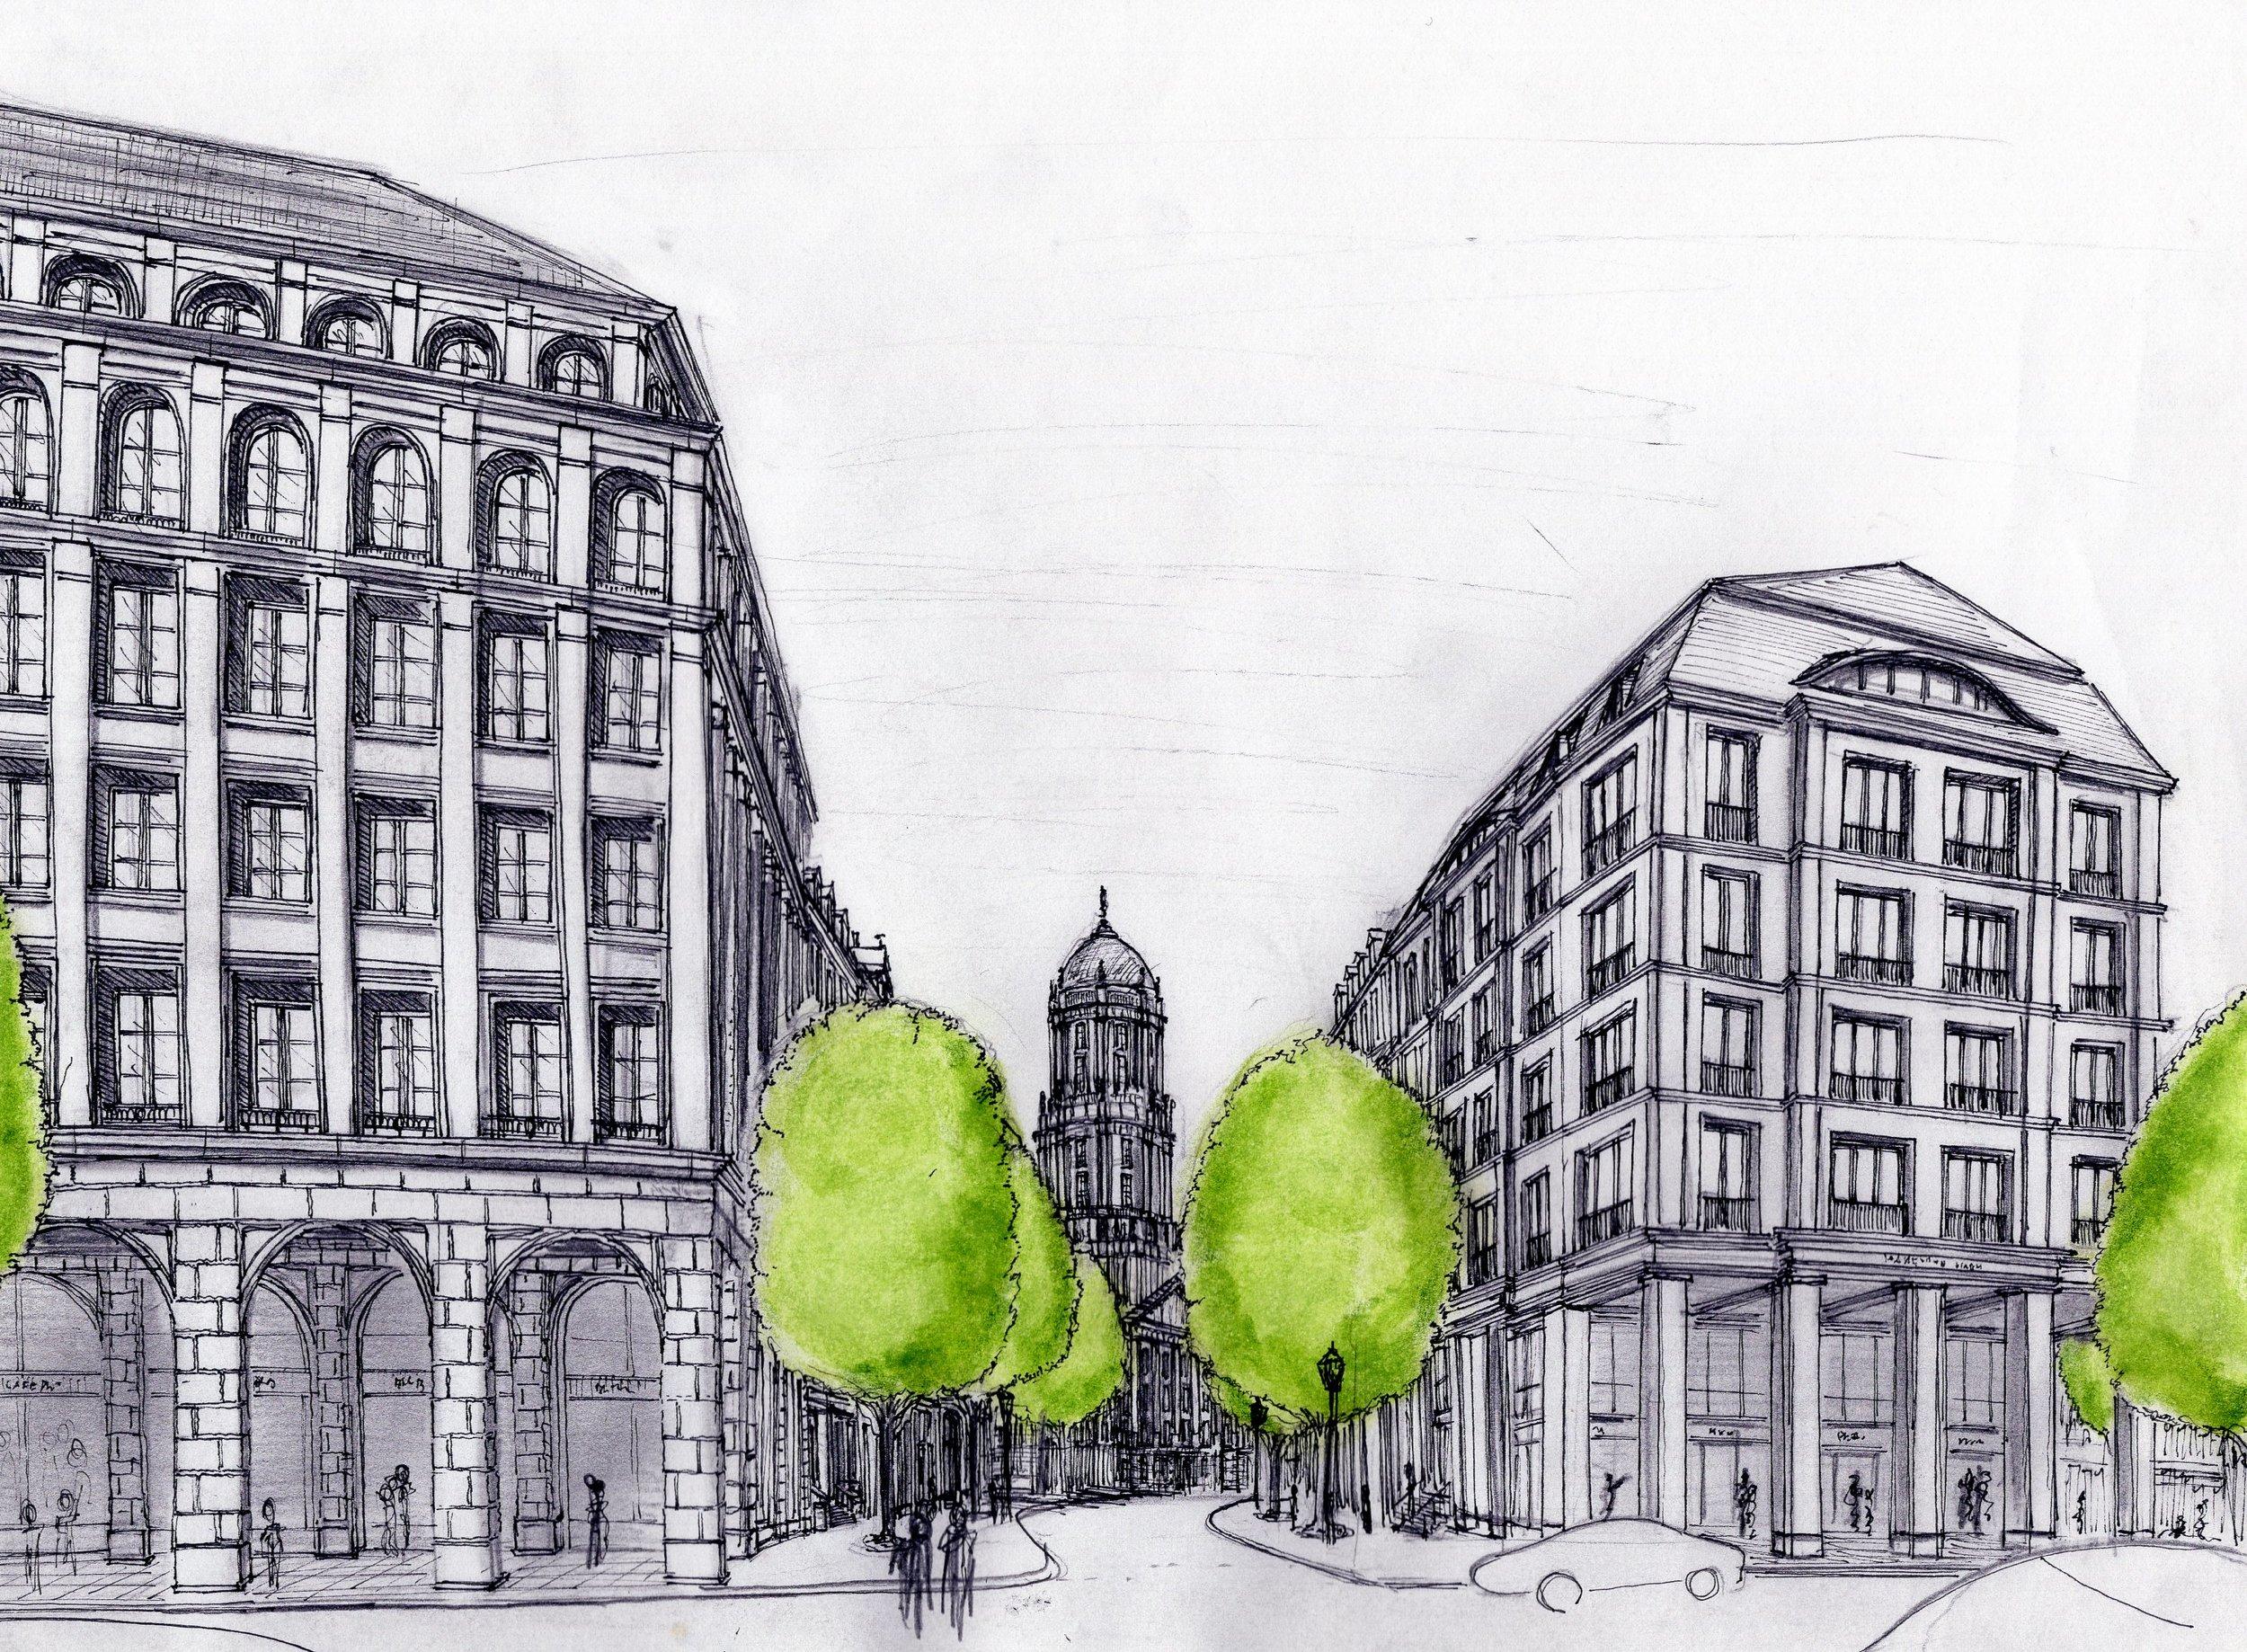 Berlin - Molkenmarktviertel - Blick von der Grunerstraße in die Jüdenstraße